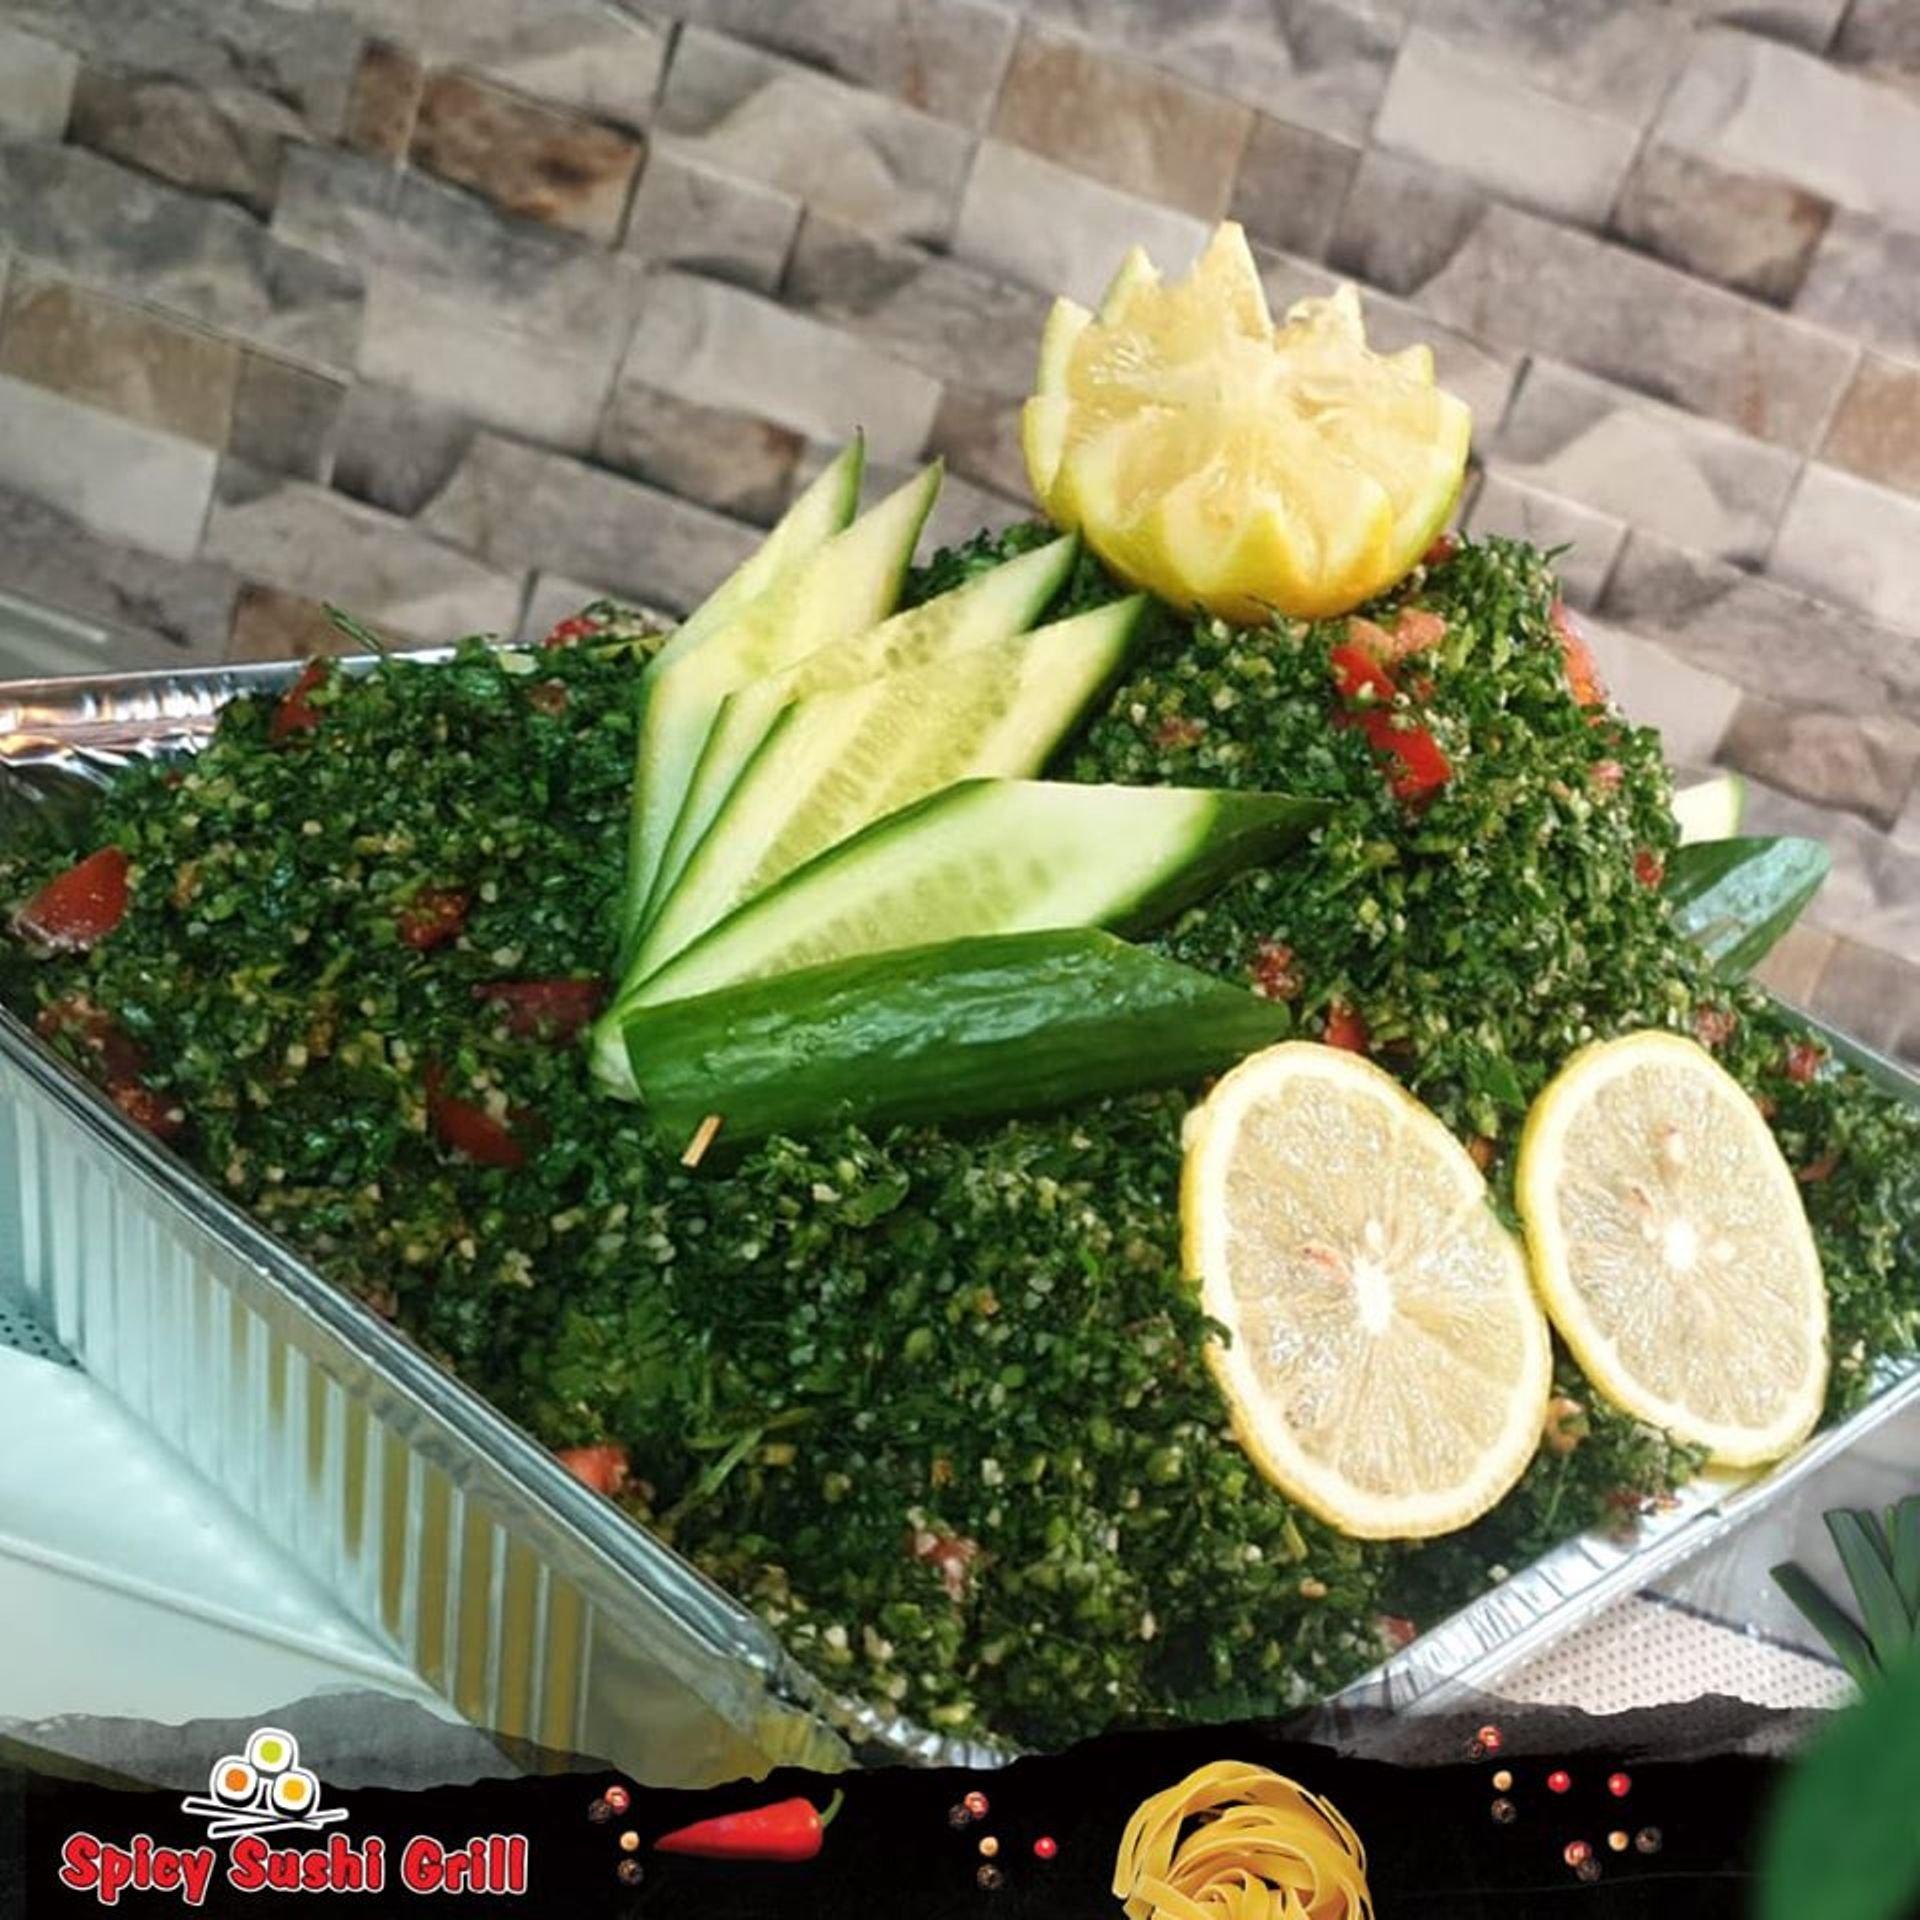 7 Spicy sushi Grill תְמוּנָה